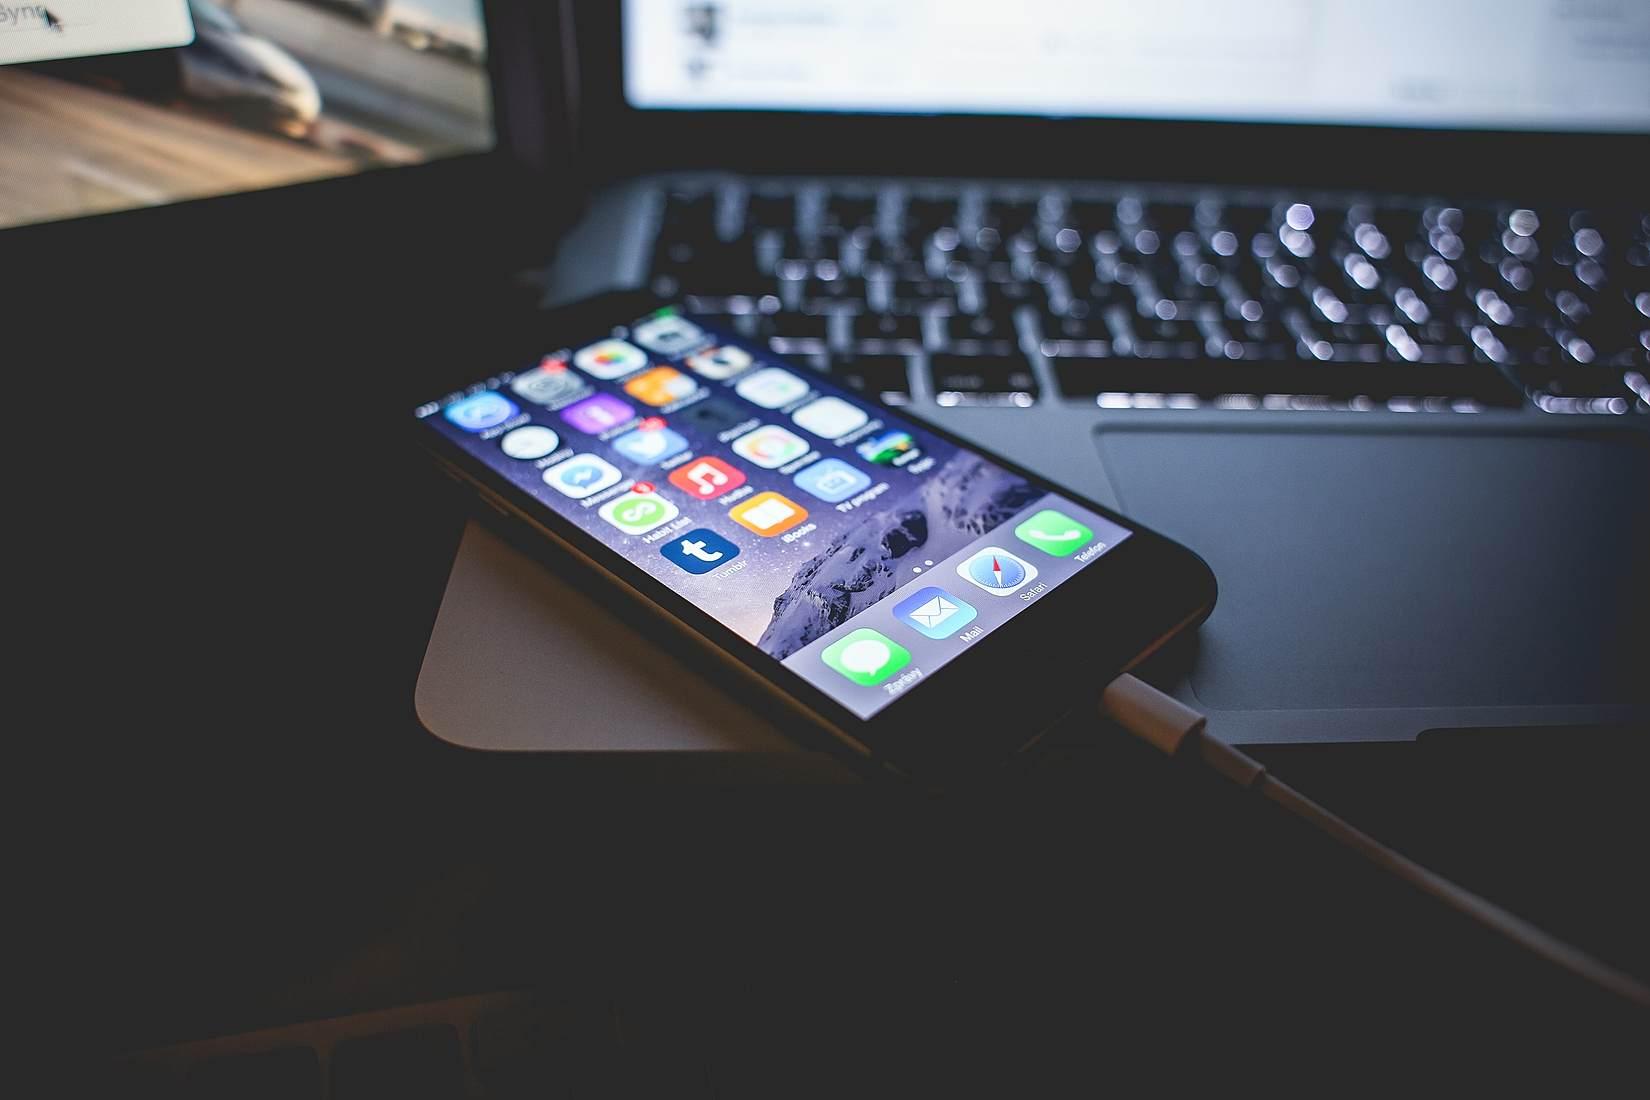 iphone-data-recovery-programma-dlya-vosstanovleniya-poteryannyih-ili-udalennyih-dannyih-na-iphone